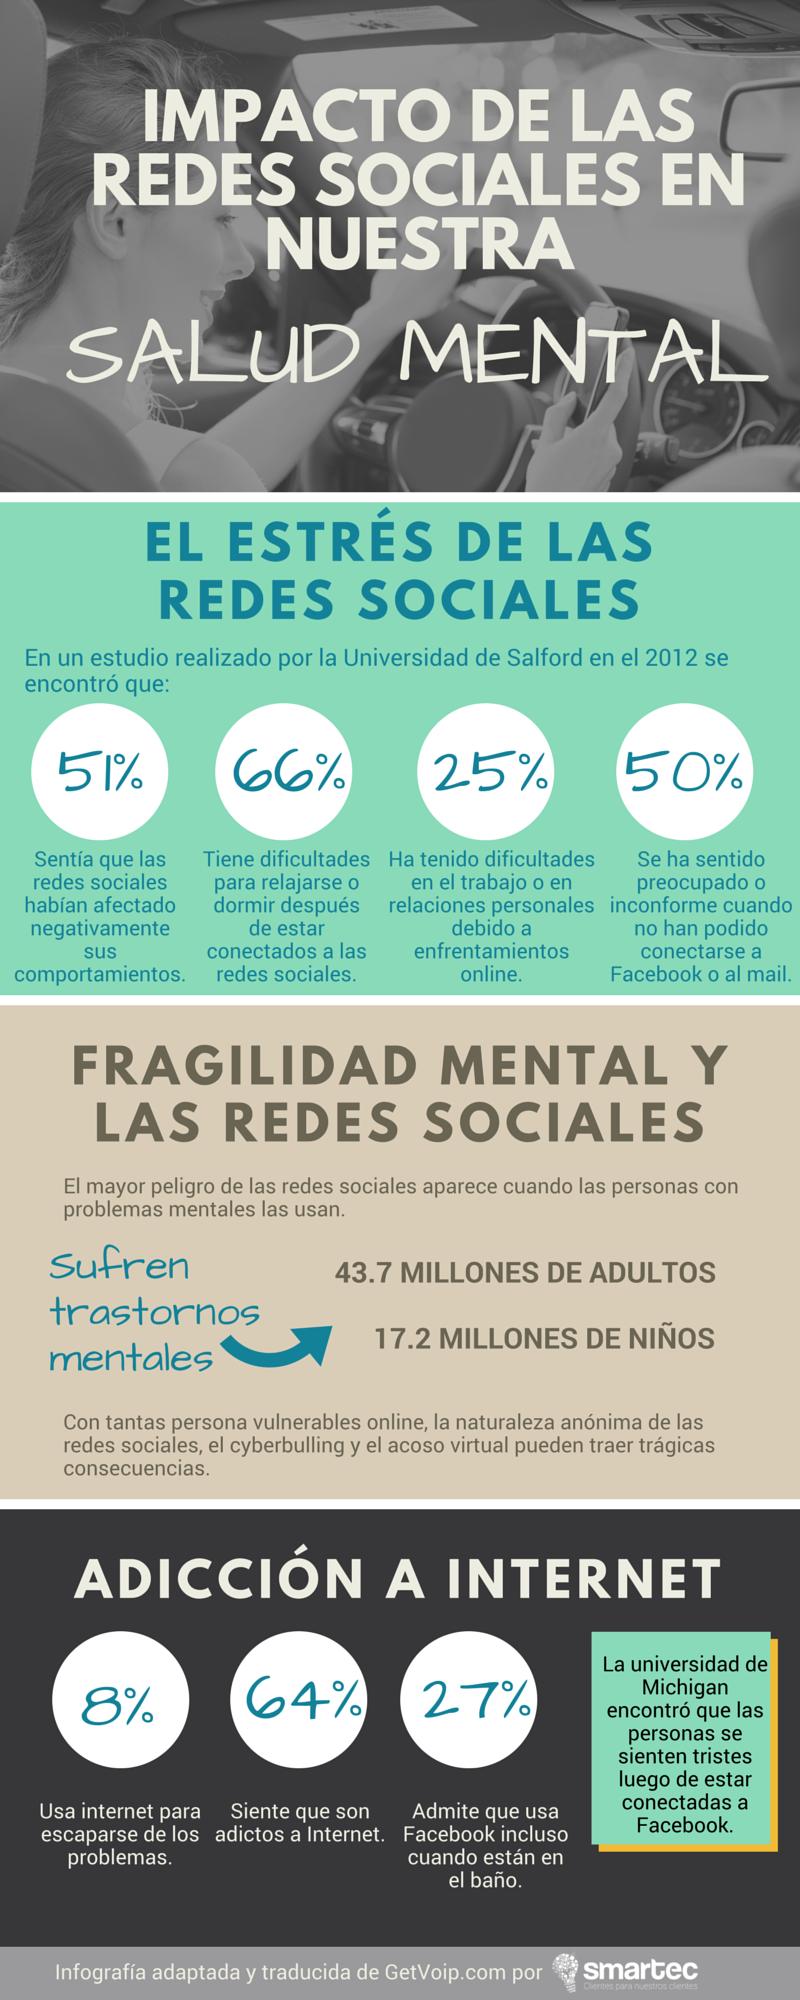 Impacto De Las Redes Sociales En Nuestra Salud Mental